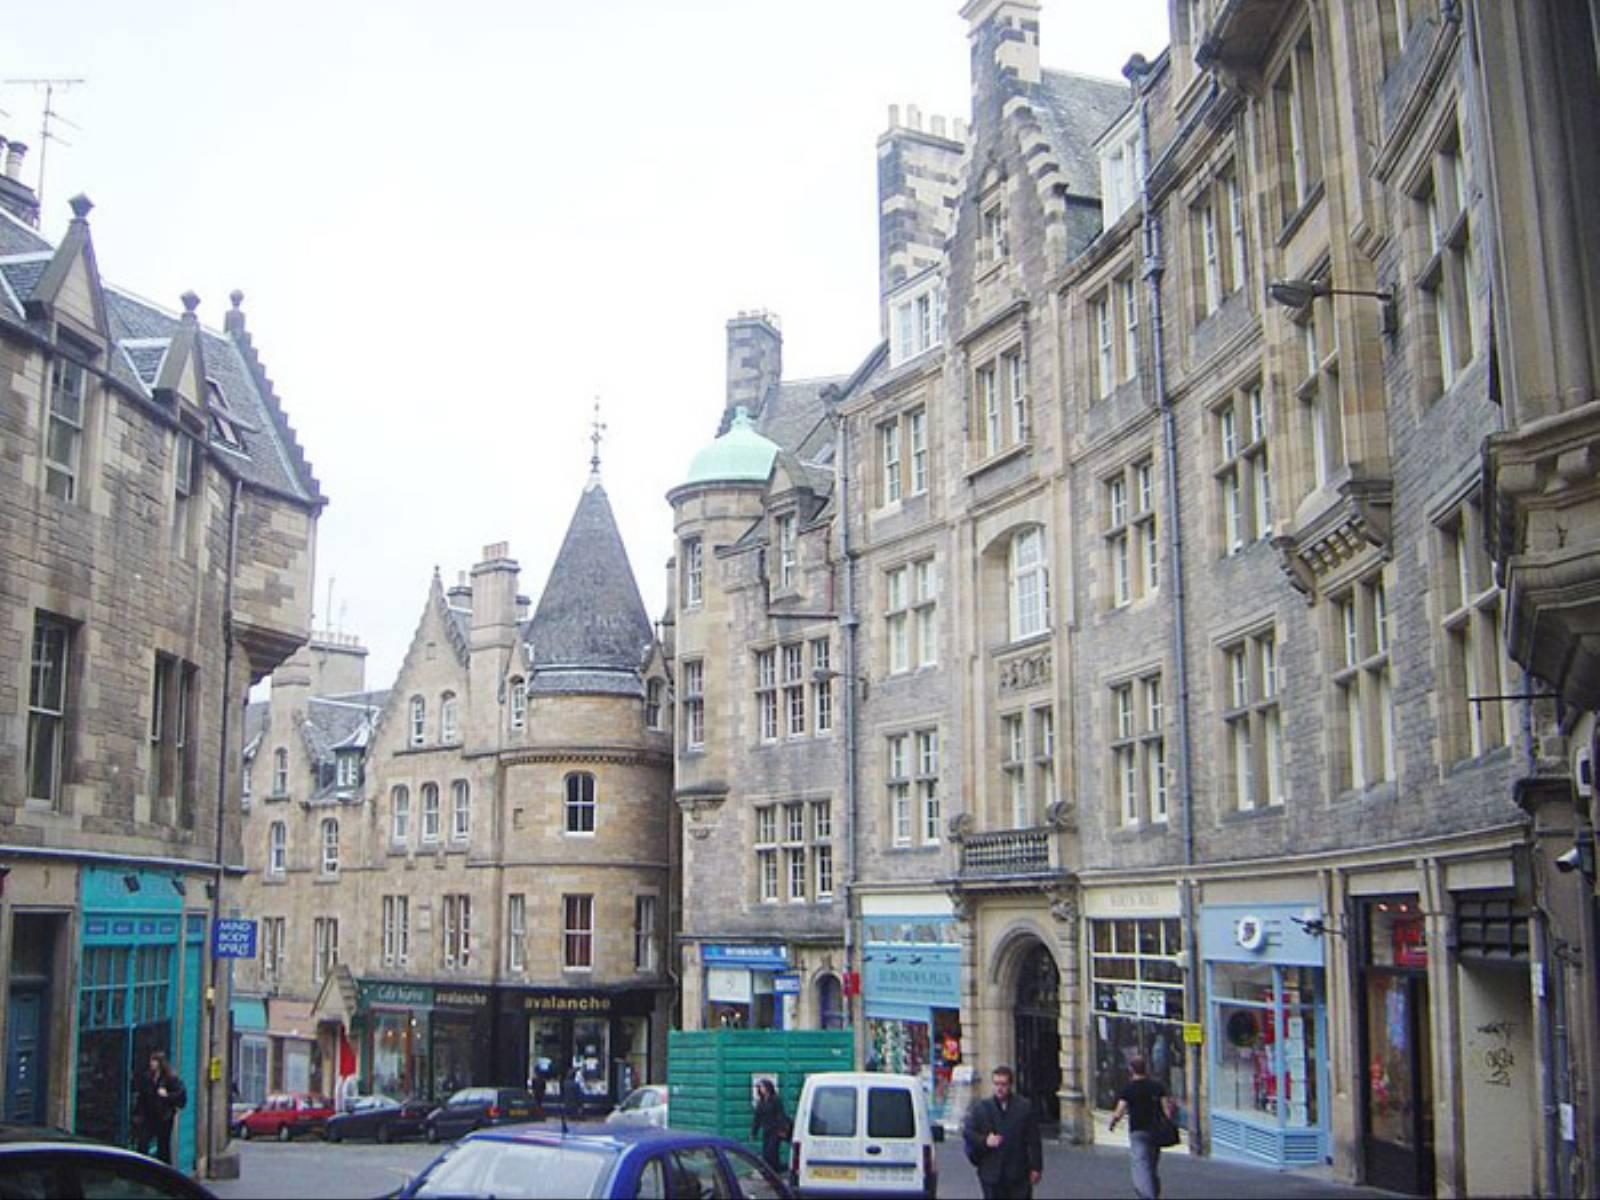 Część Starego Miasta, źródło: http://commons.wikimedia.org